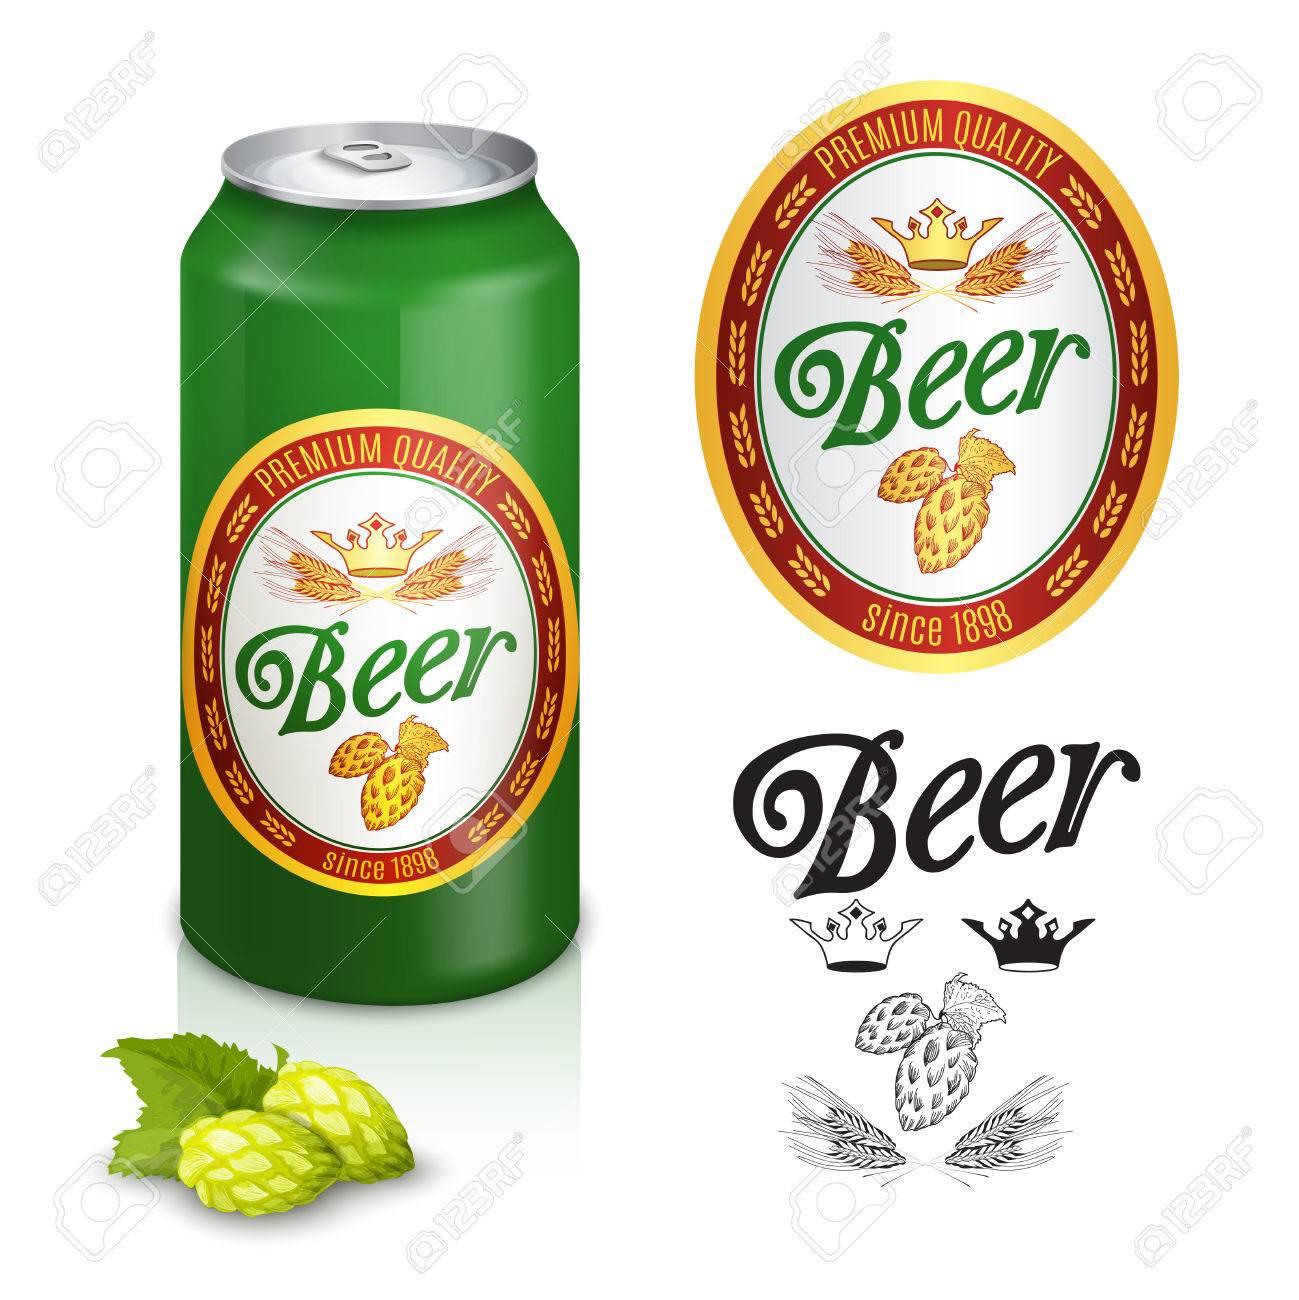 Premium-Qualität Goldenen Kronen Biermarke Emblem Design Für Dosen ...